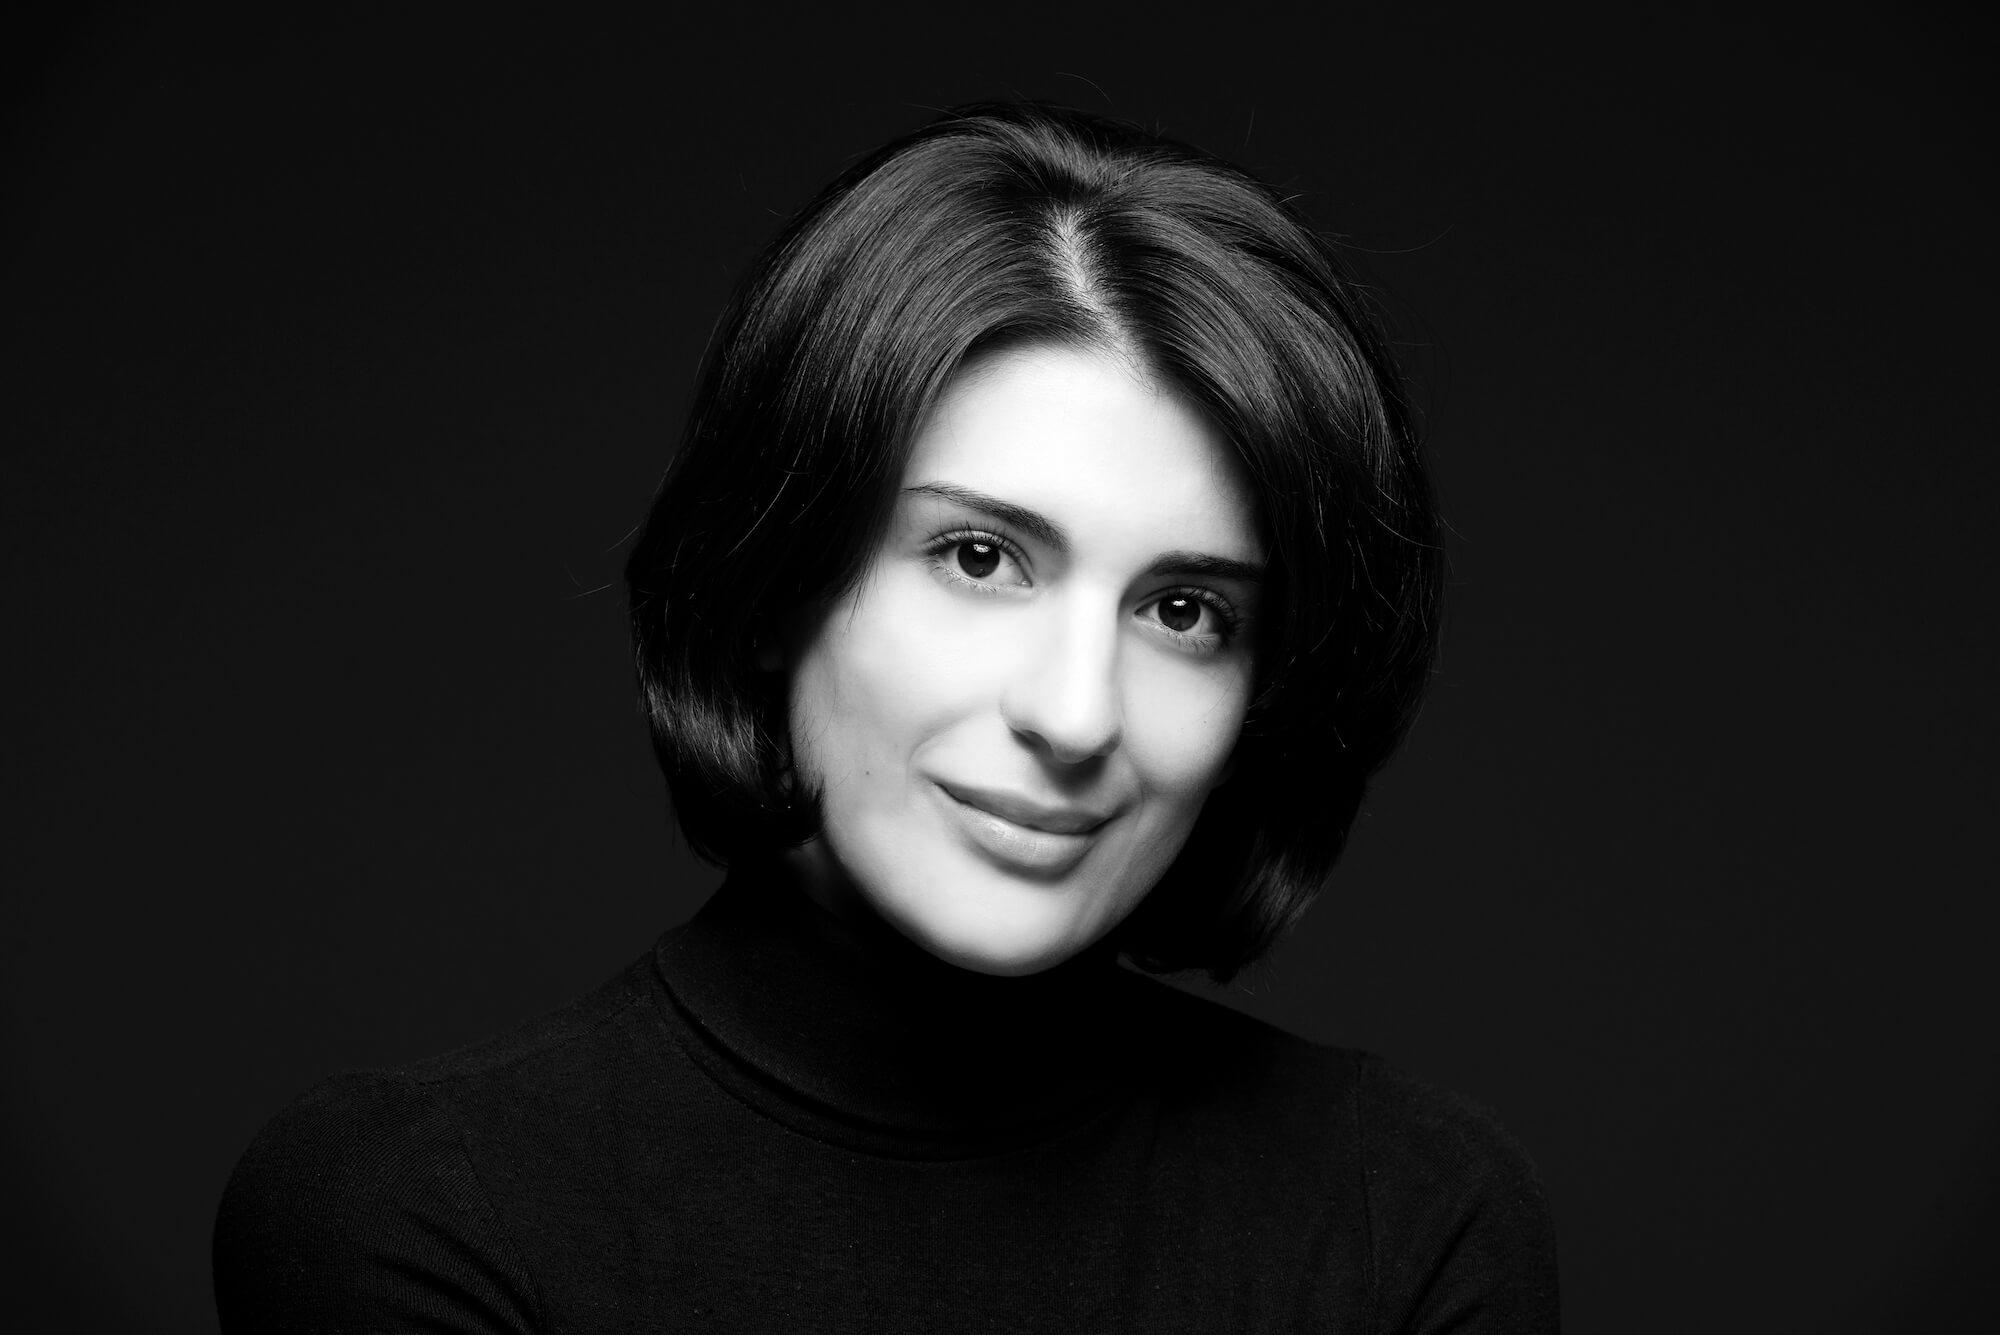 Mariam Batsashvili 2018-010bw.jpg